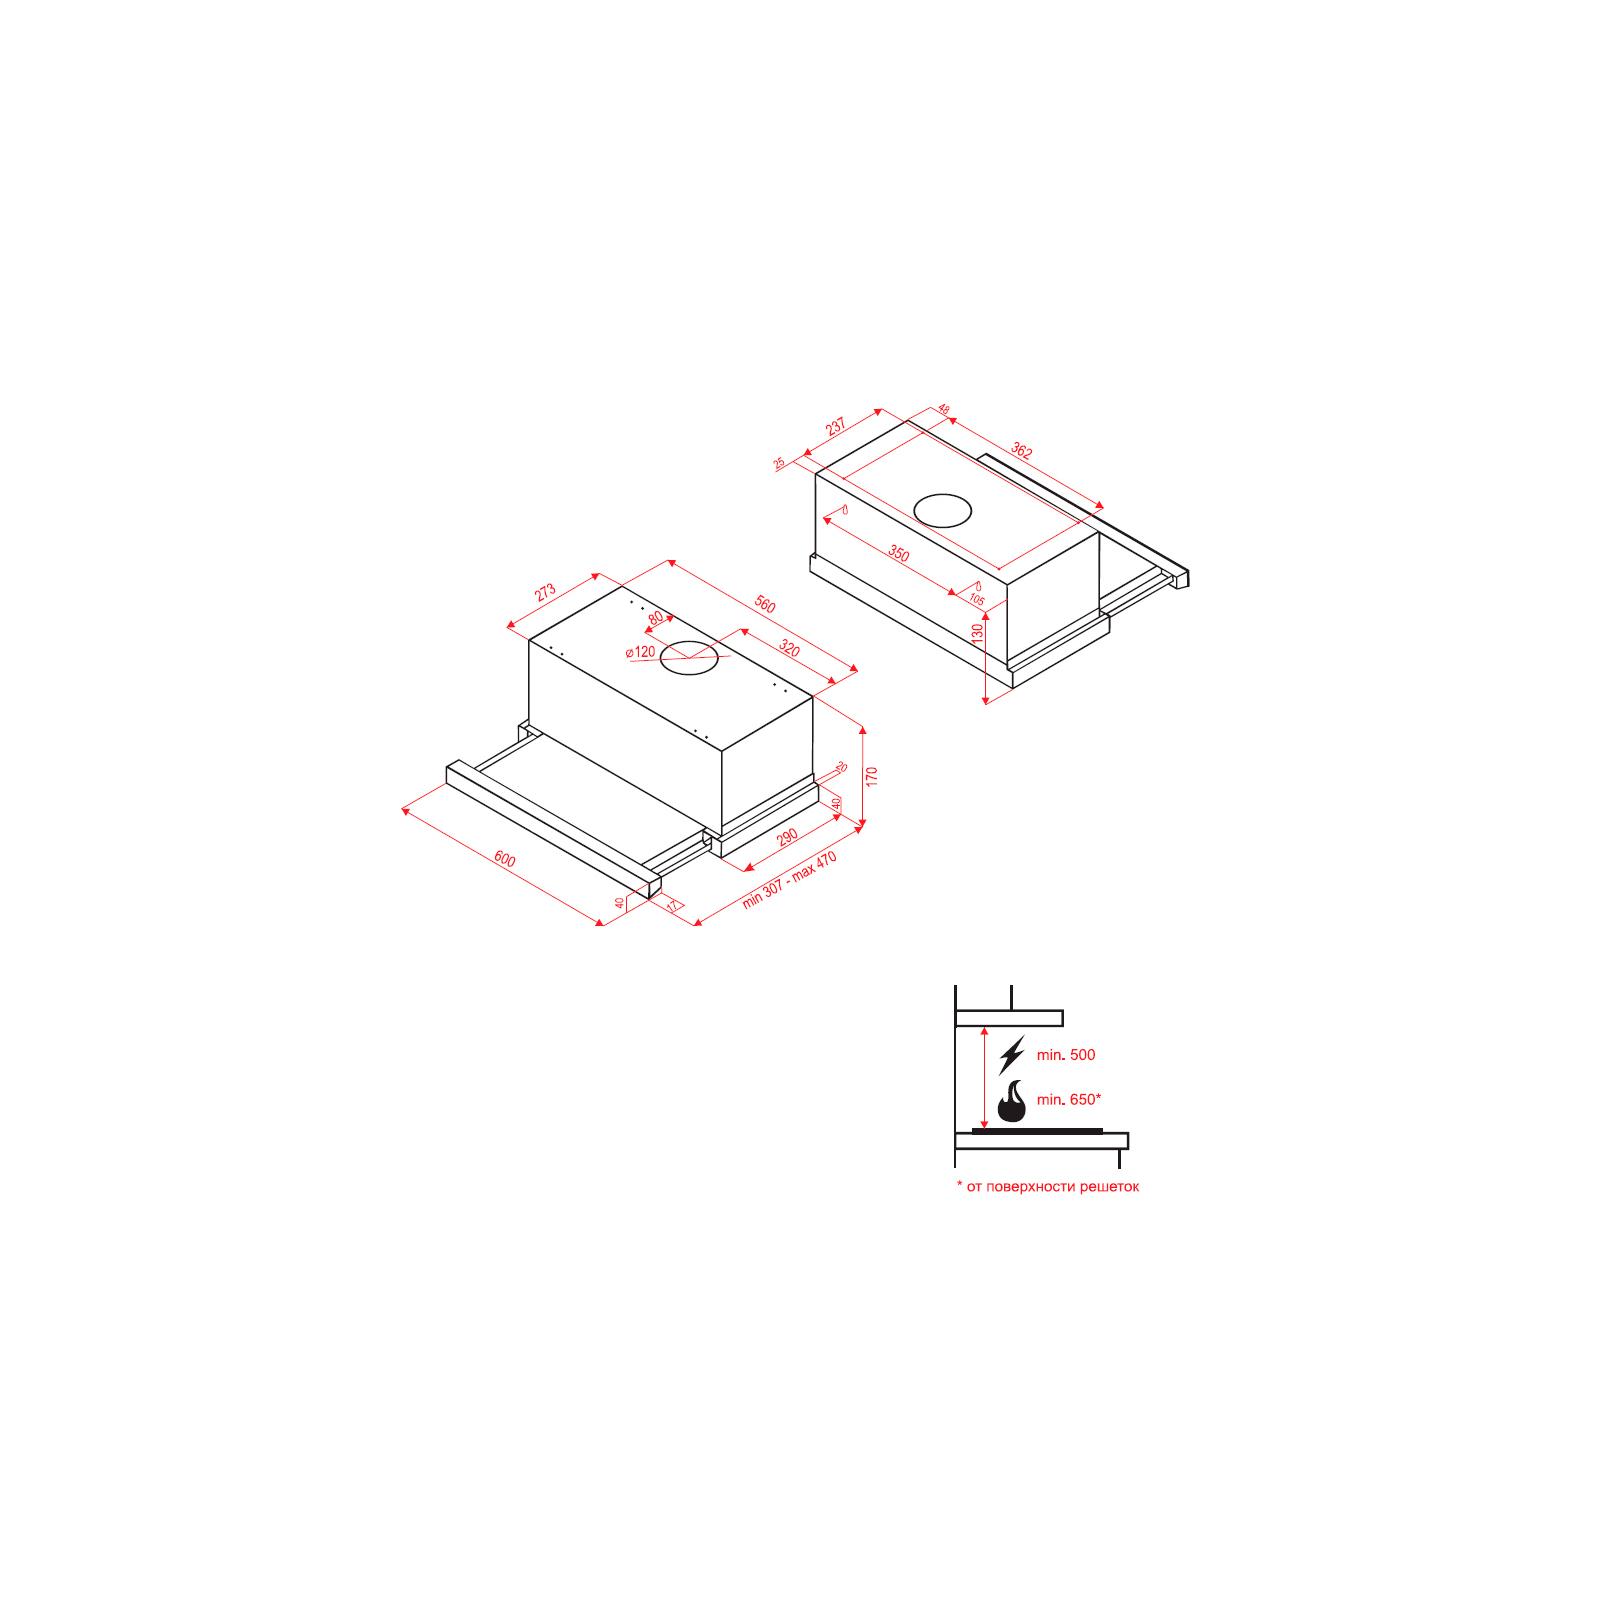 Вытяжка кухонная Perfelli TL 6010 IV изображение 7